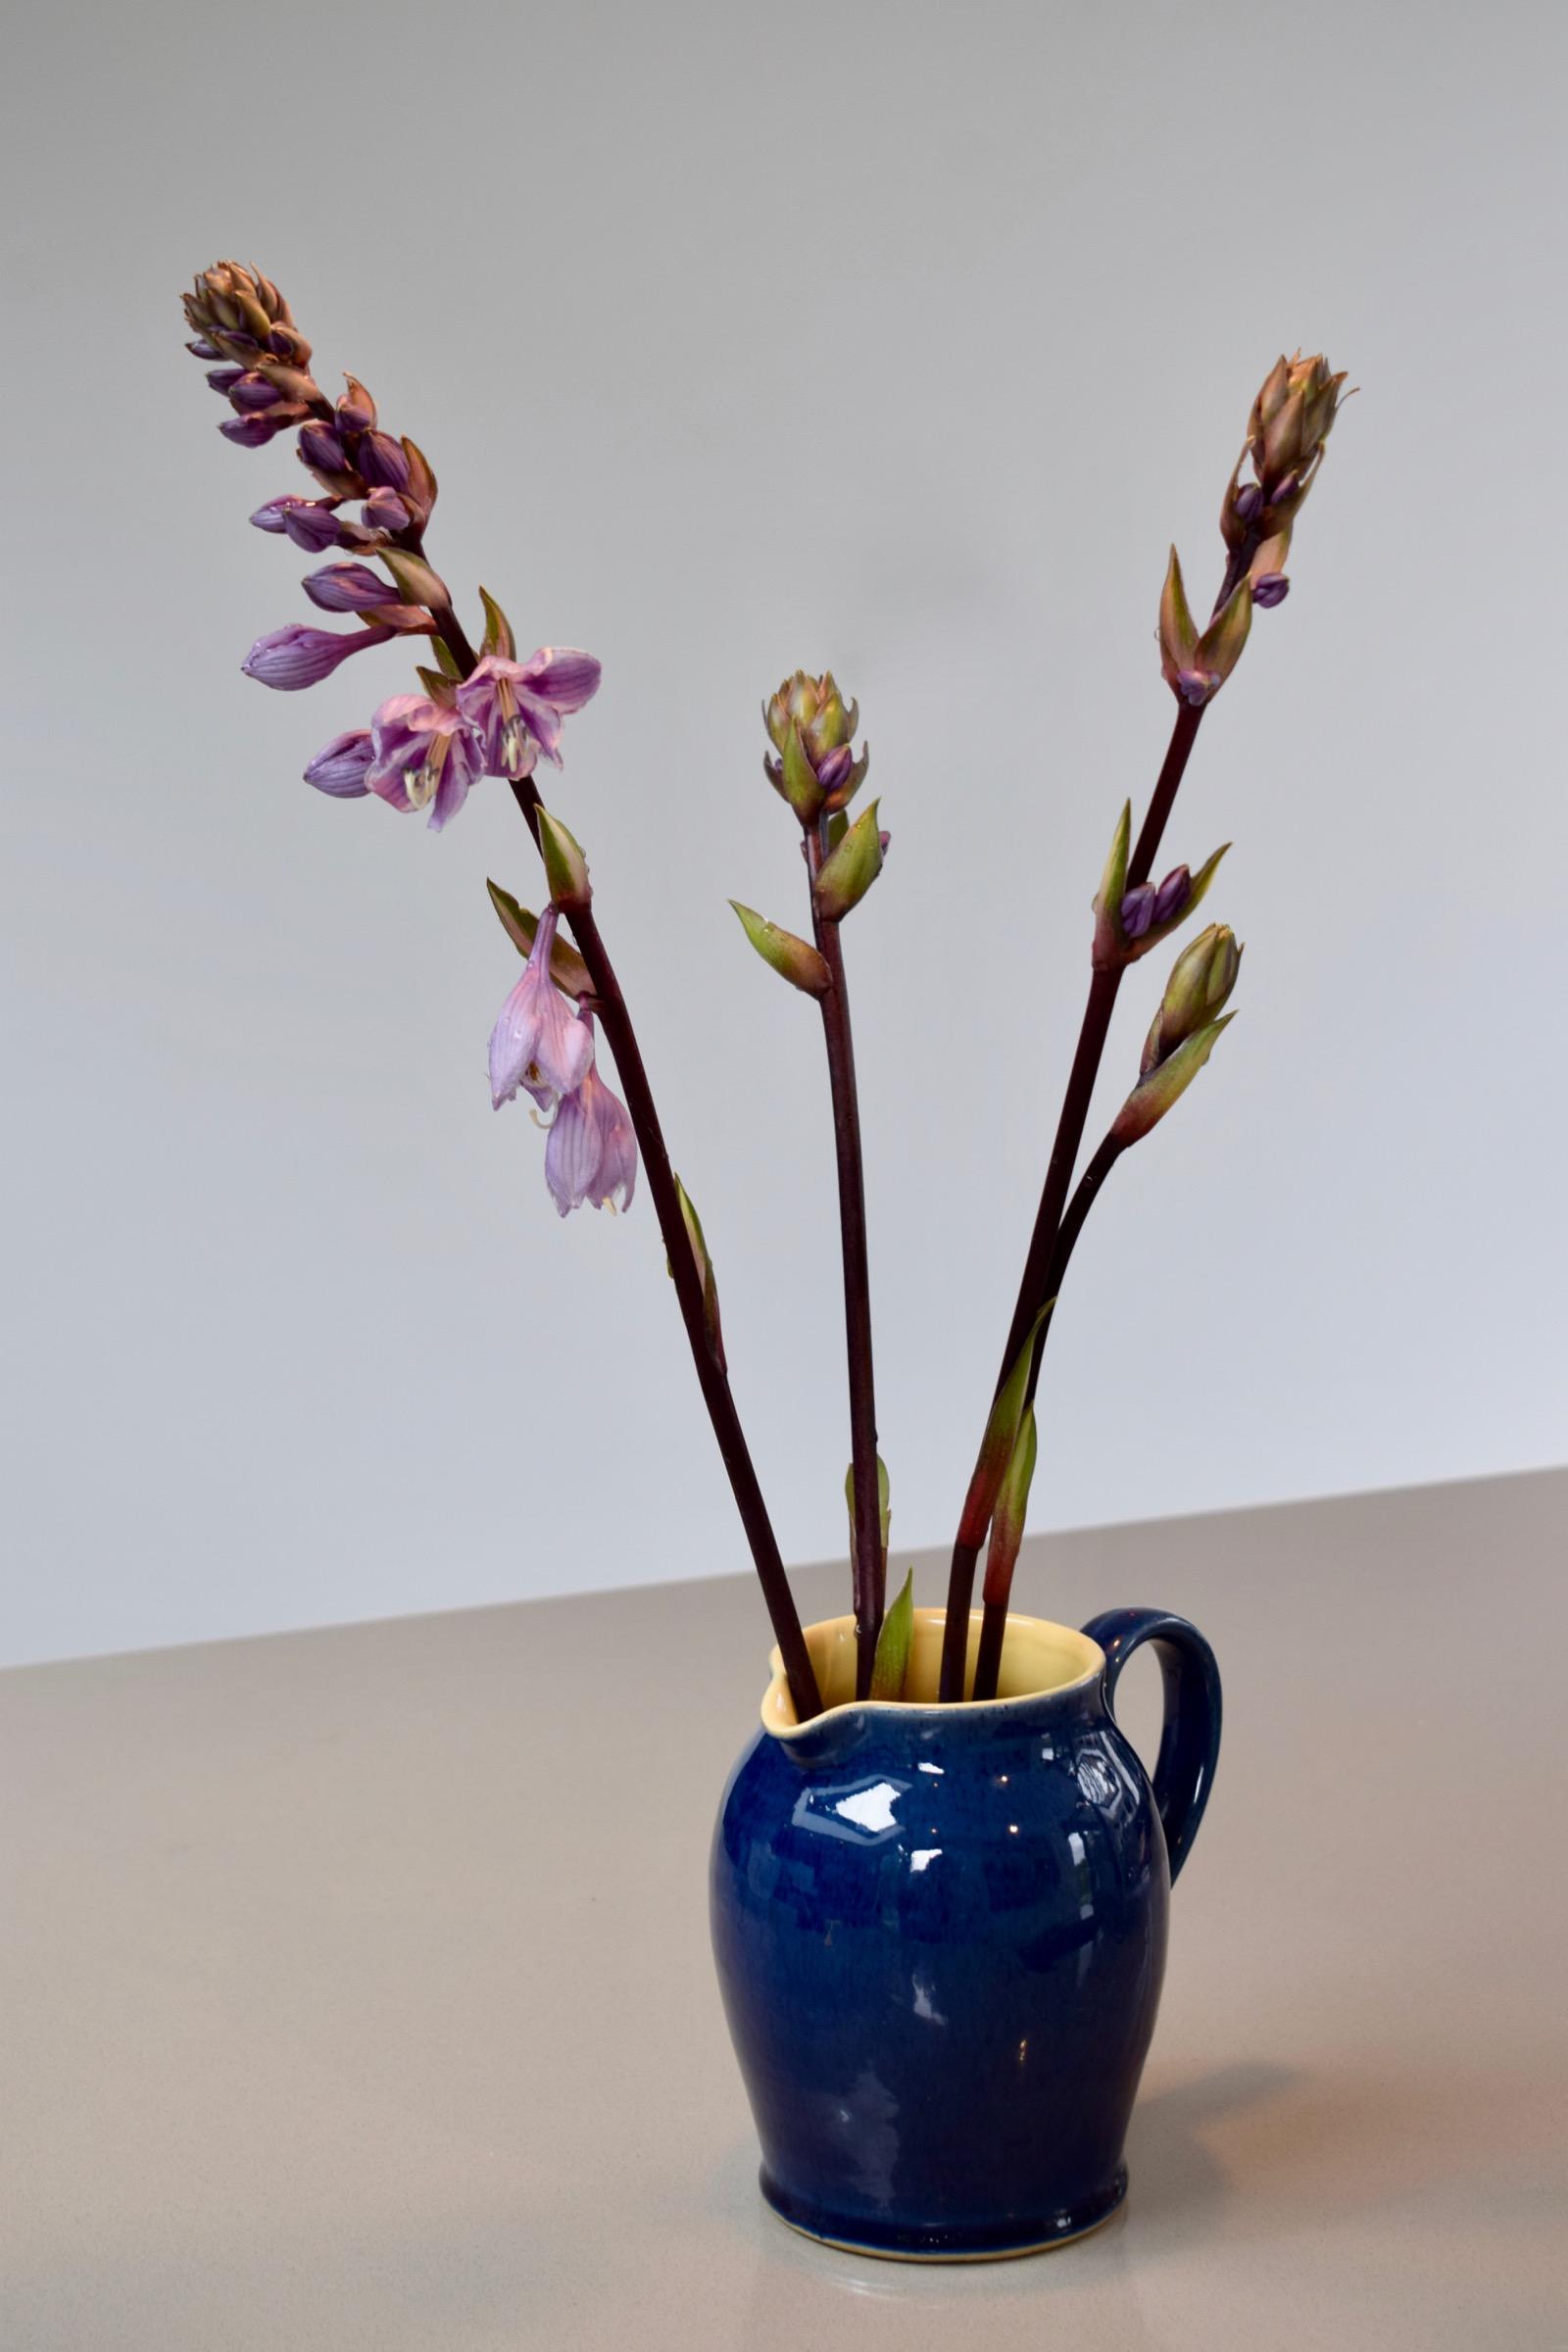 Hosta Flowers A Second Look An Englishmans Garden Adventures